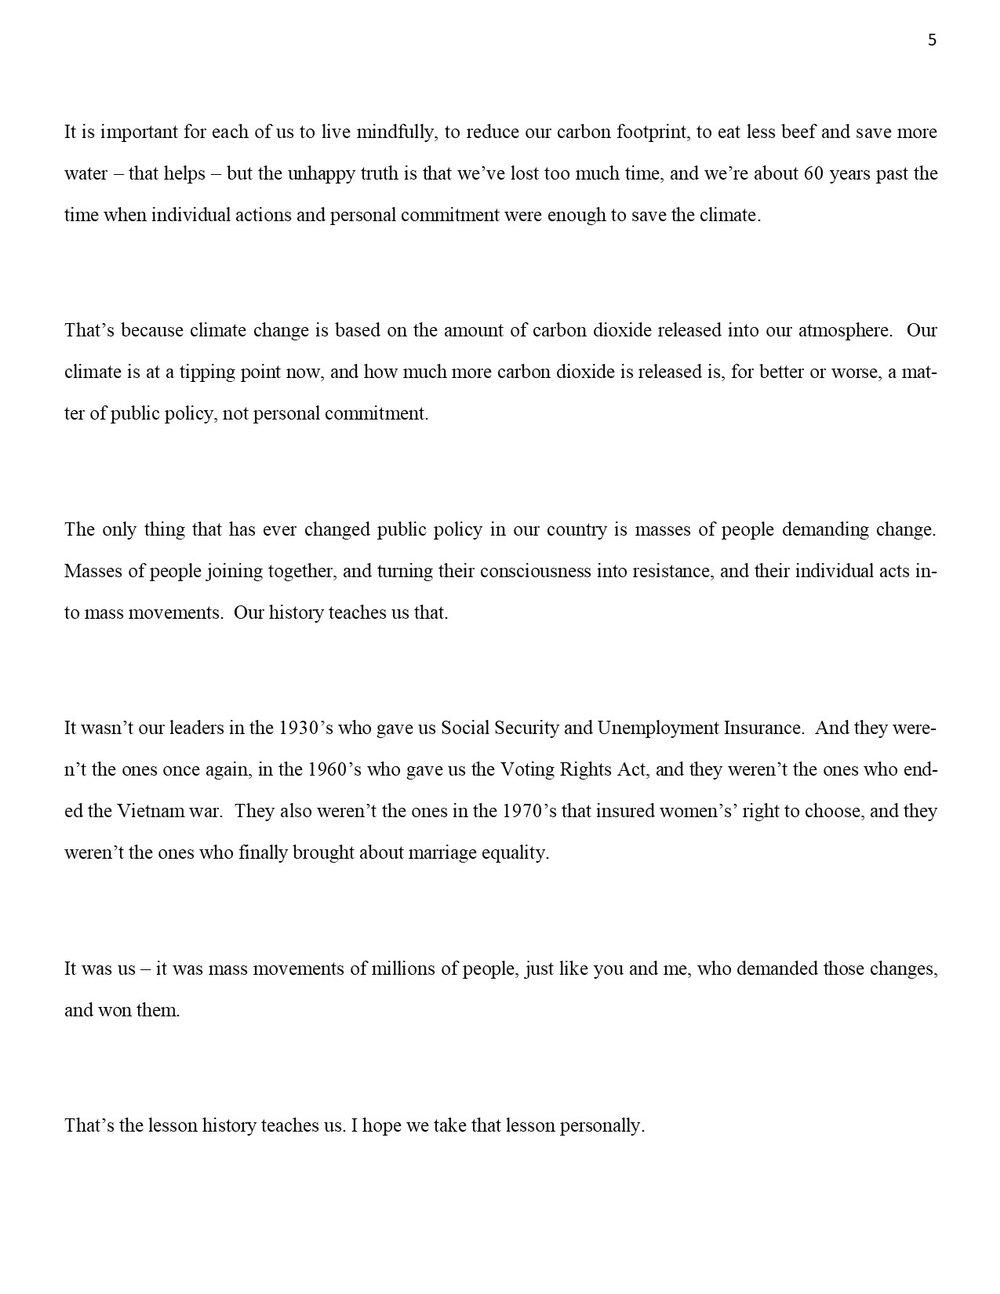 Story of a Hillside - Sabina Virgo (Prose, Essay)-5.jpg